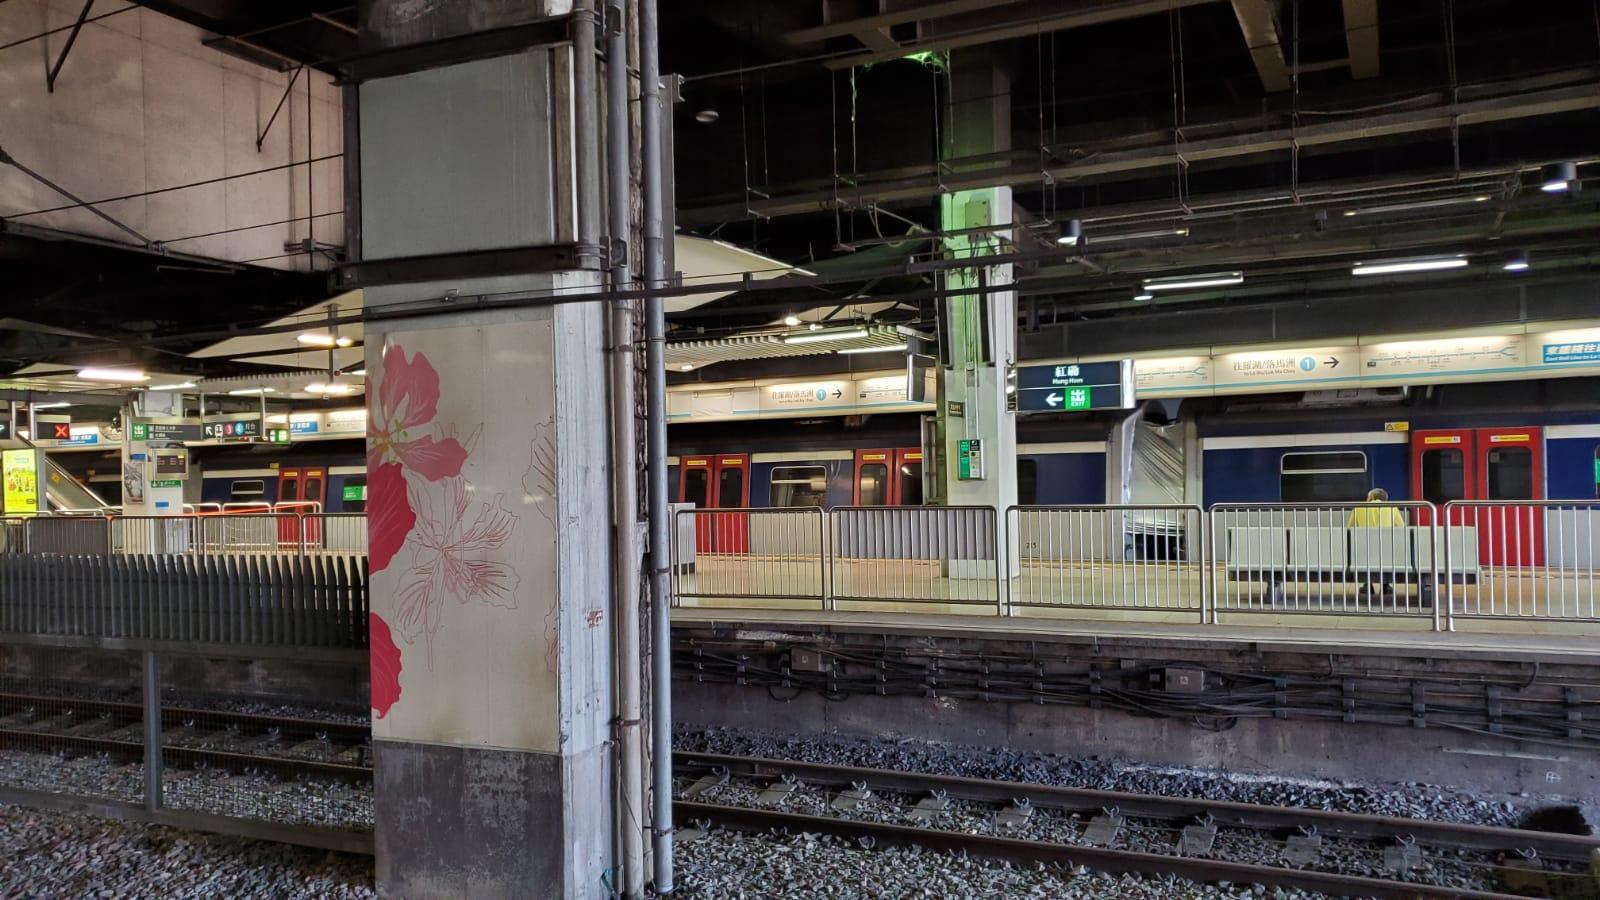 紅磡站今日仍用一個月台維持東鐵服務。 歐陽偉光攝